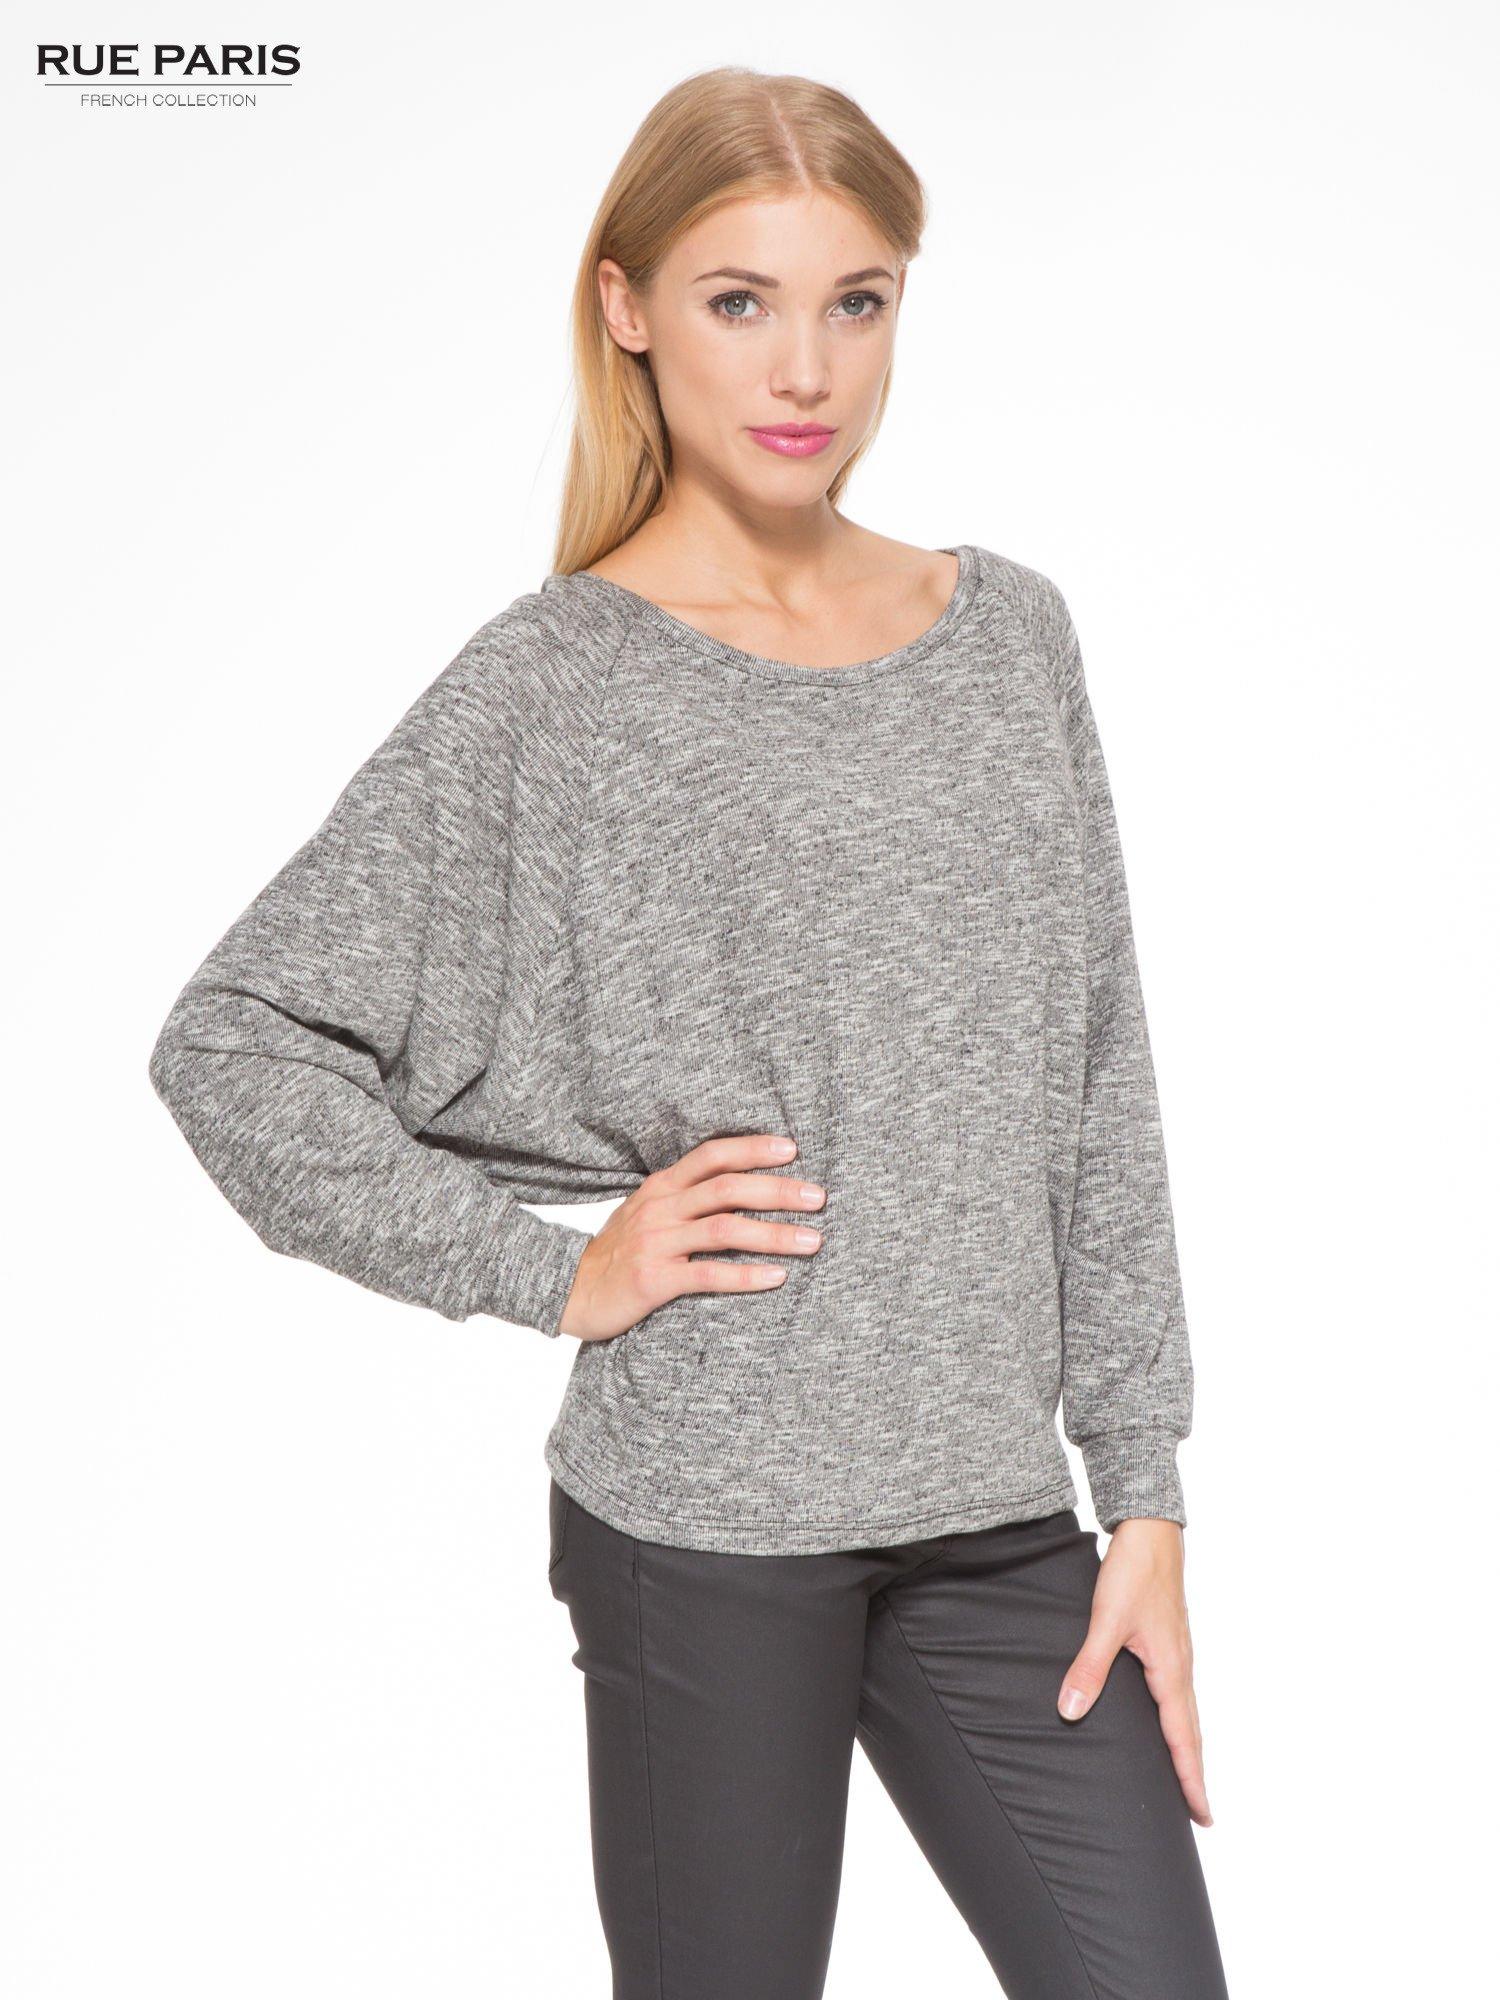 Szary melanżowy sweter z nietoperzowymi rękawami                                  zdj.                                  1